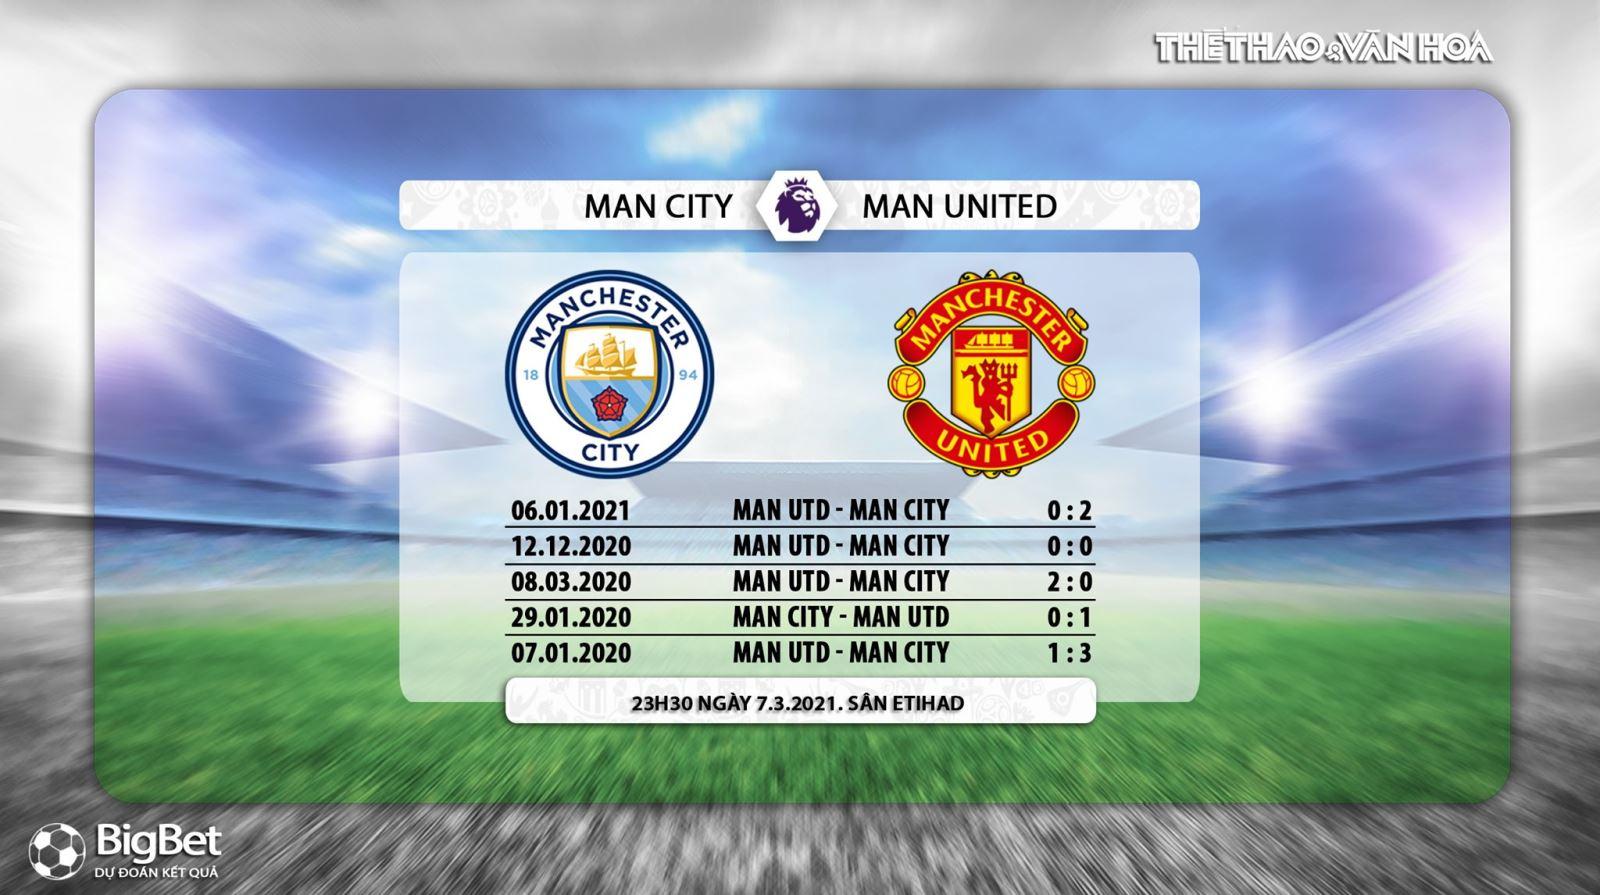 Keo nha cai, Kèo nhà cái, Man City vs Man United, K+, K+PM trực tiếp bóng đá Anh, Xem MU, trực tiếp MU đấu với Man City, lịch thi đấu ngoại hạng Anh, BXH bóng đá Anh